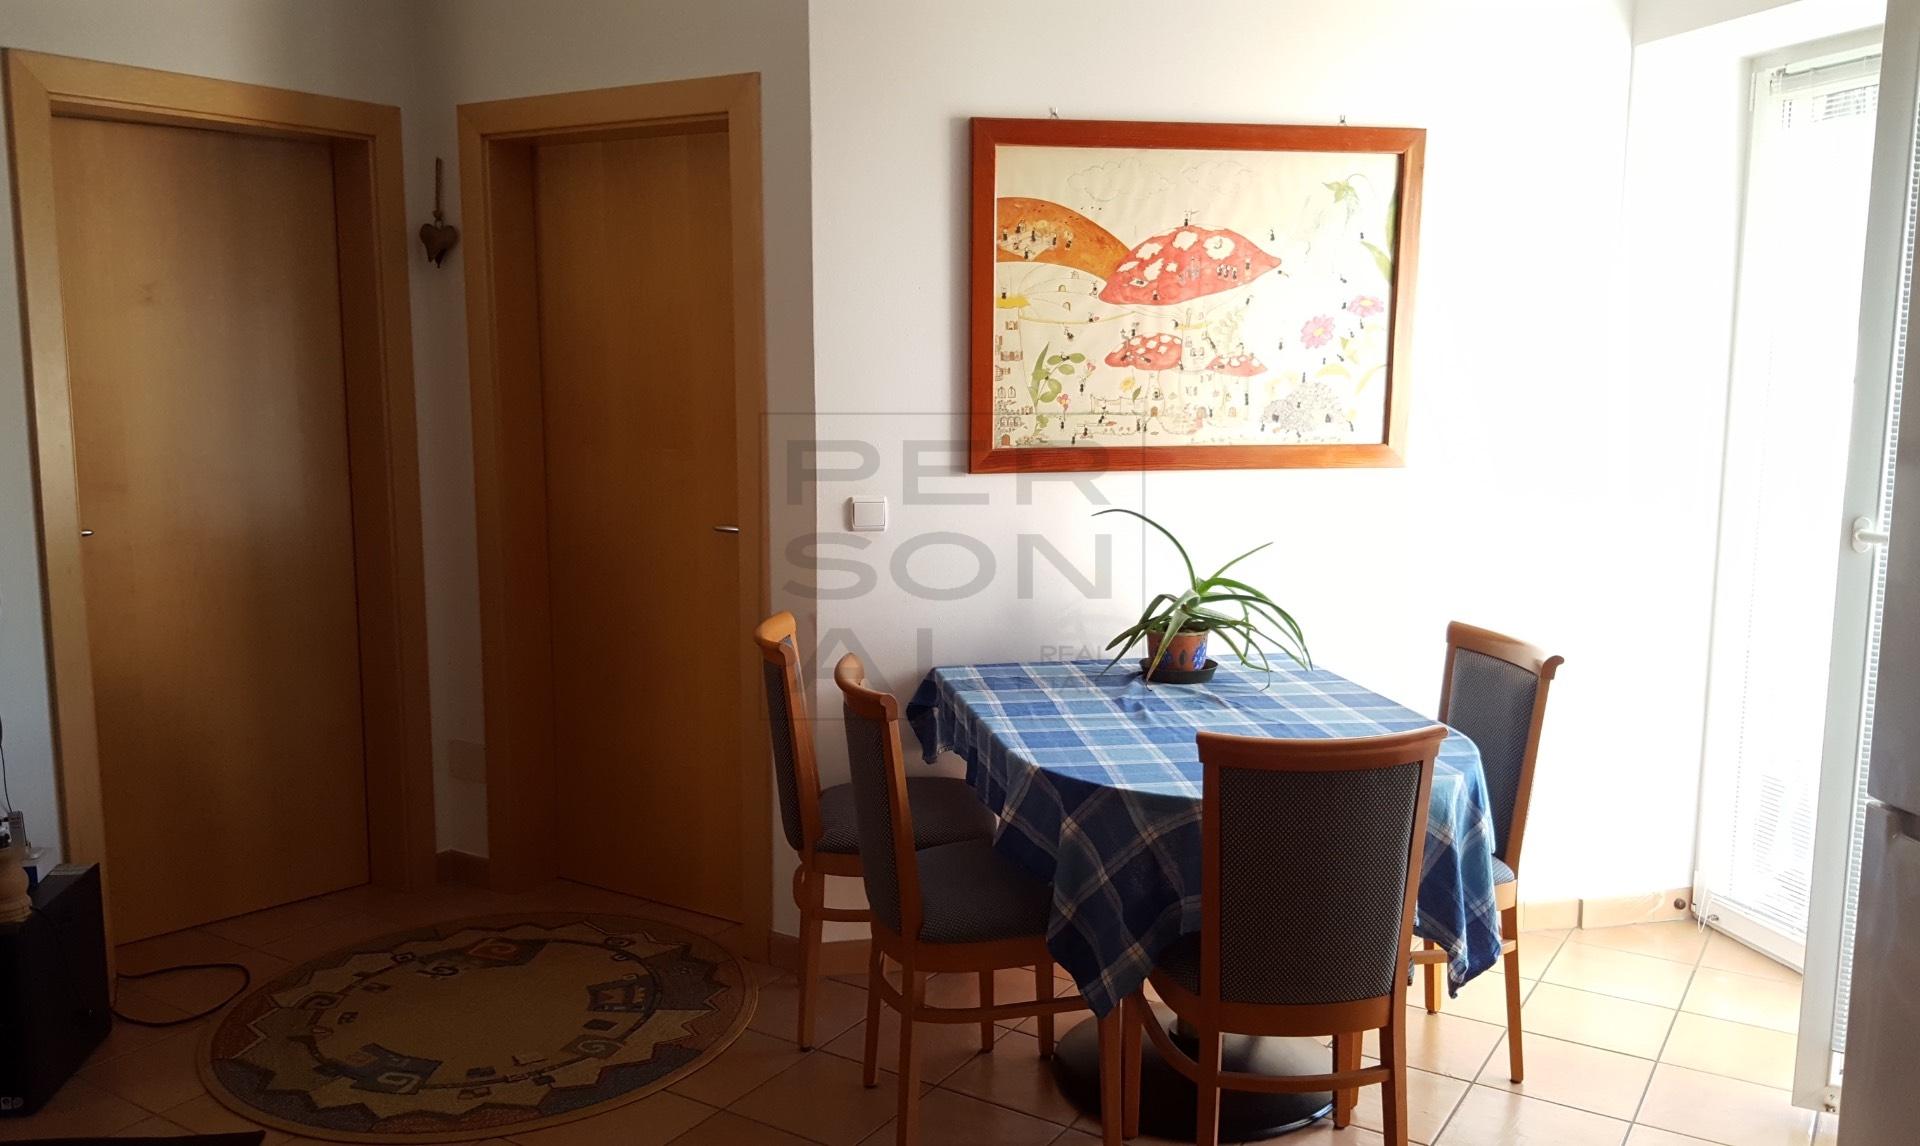 Appartamento in vendita a Montagna, 3 locali, prezzo € 175.000 | Cambio Casa.it